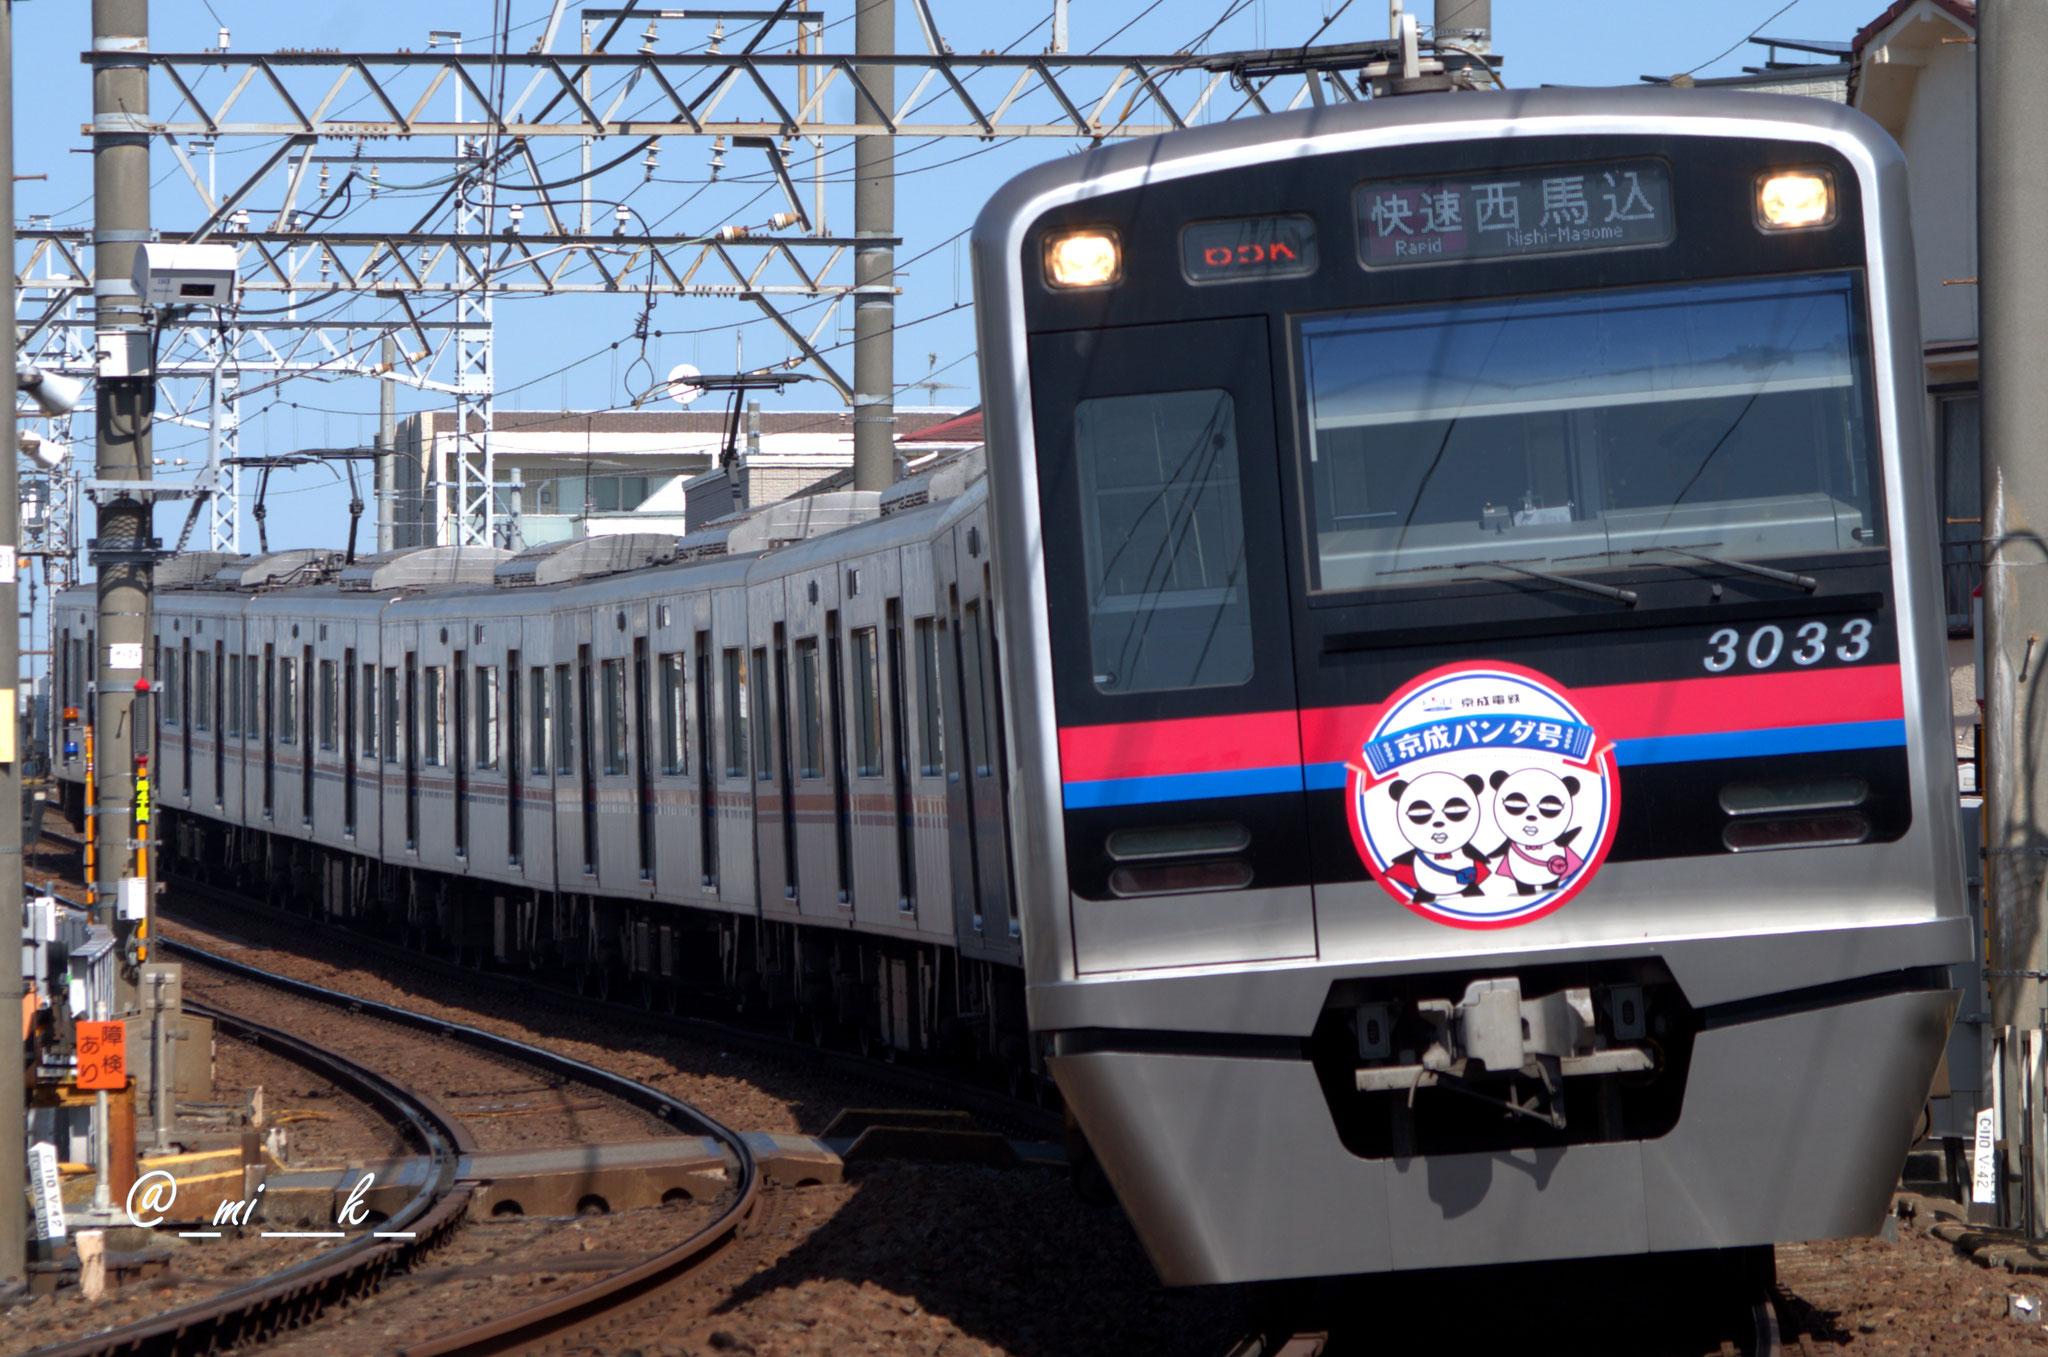 新たな京成の顔となったこの形式。本線・千葉線などの普通から直通・スカイアクセスまでオールマイティに活躍する。